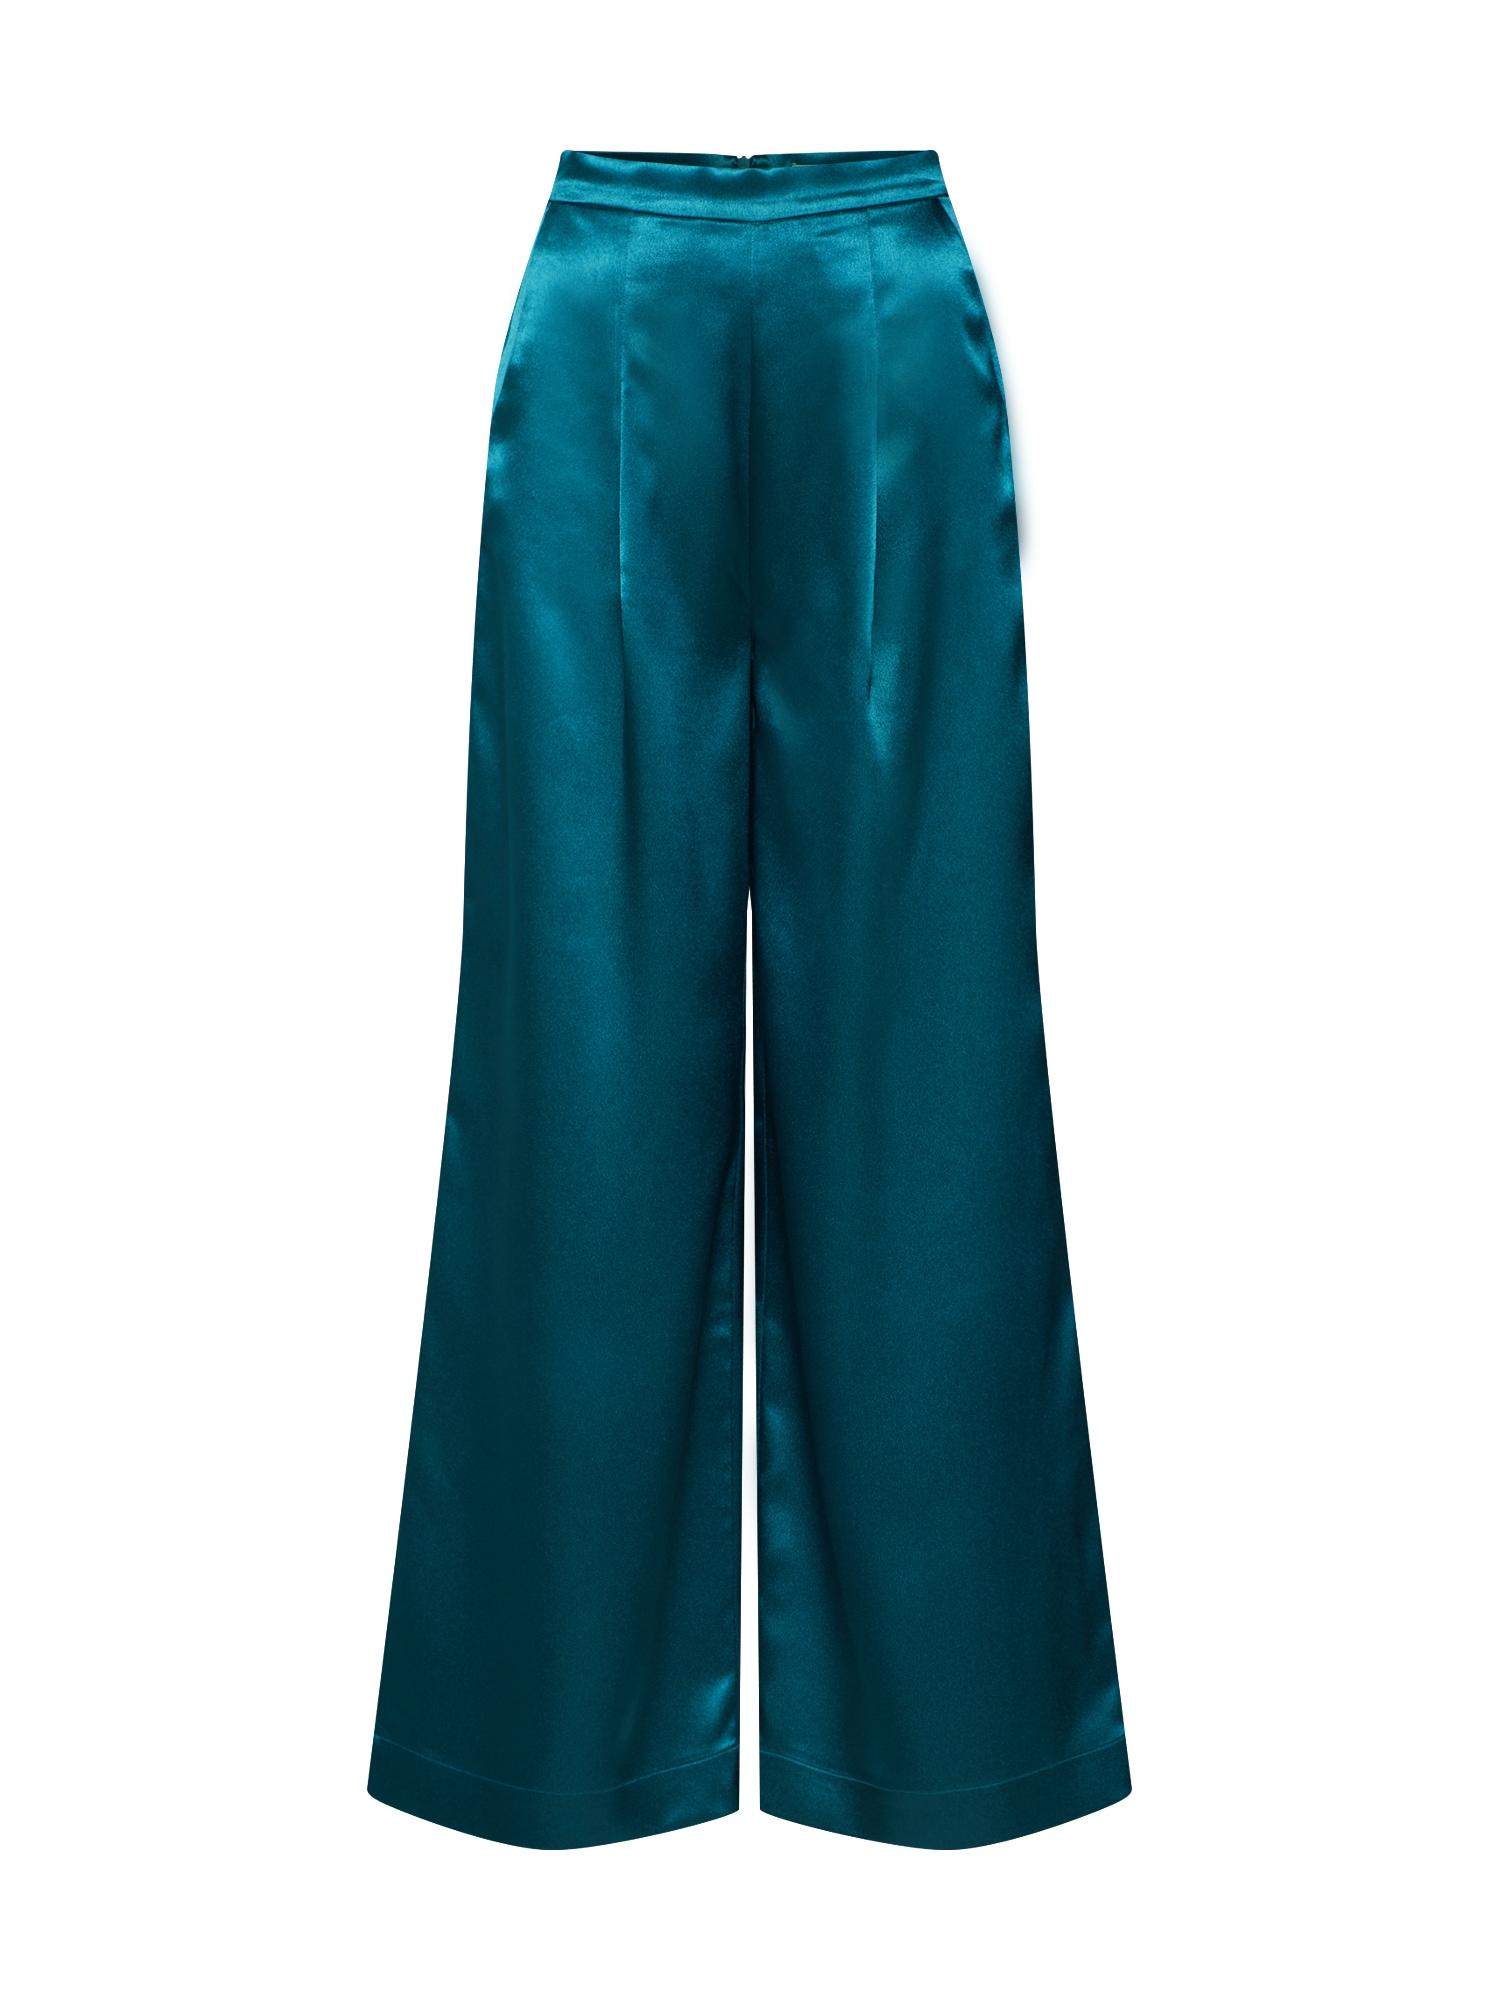 EDITED Klostuotos kelnės 'Manaba' žalia / benzino spalva